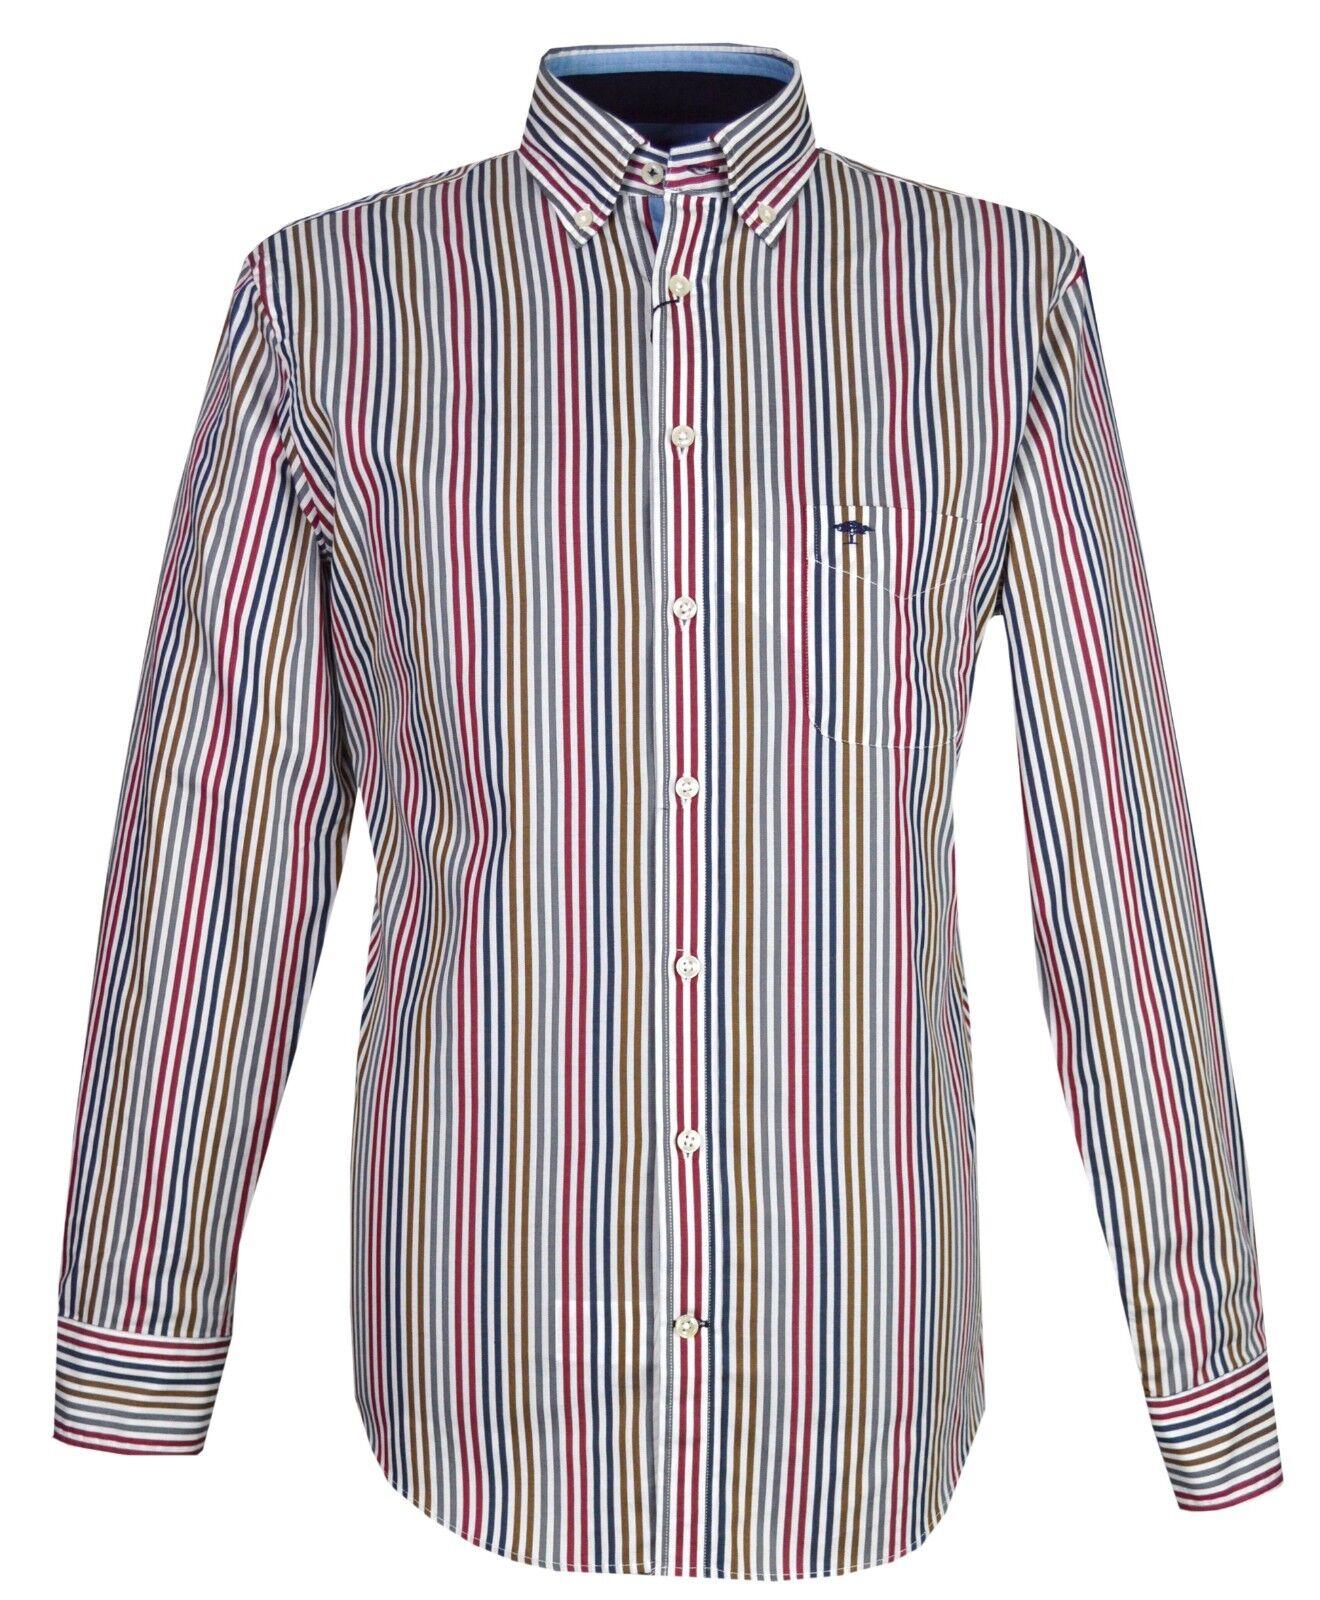 Fynch Hatton Men`s Casual Shirt - 1218-6080